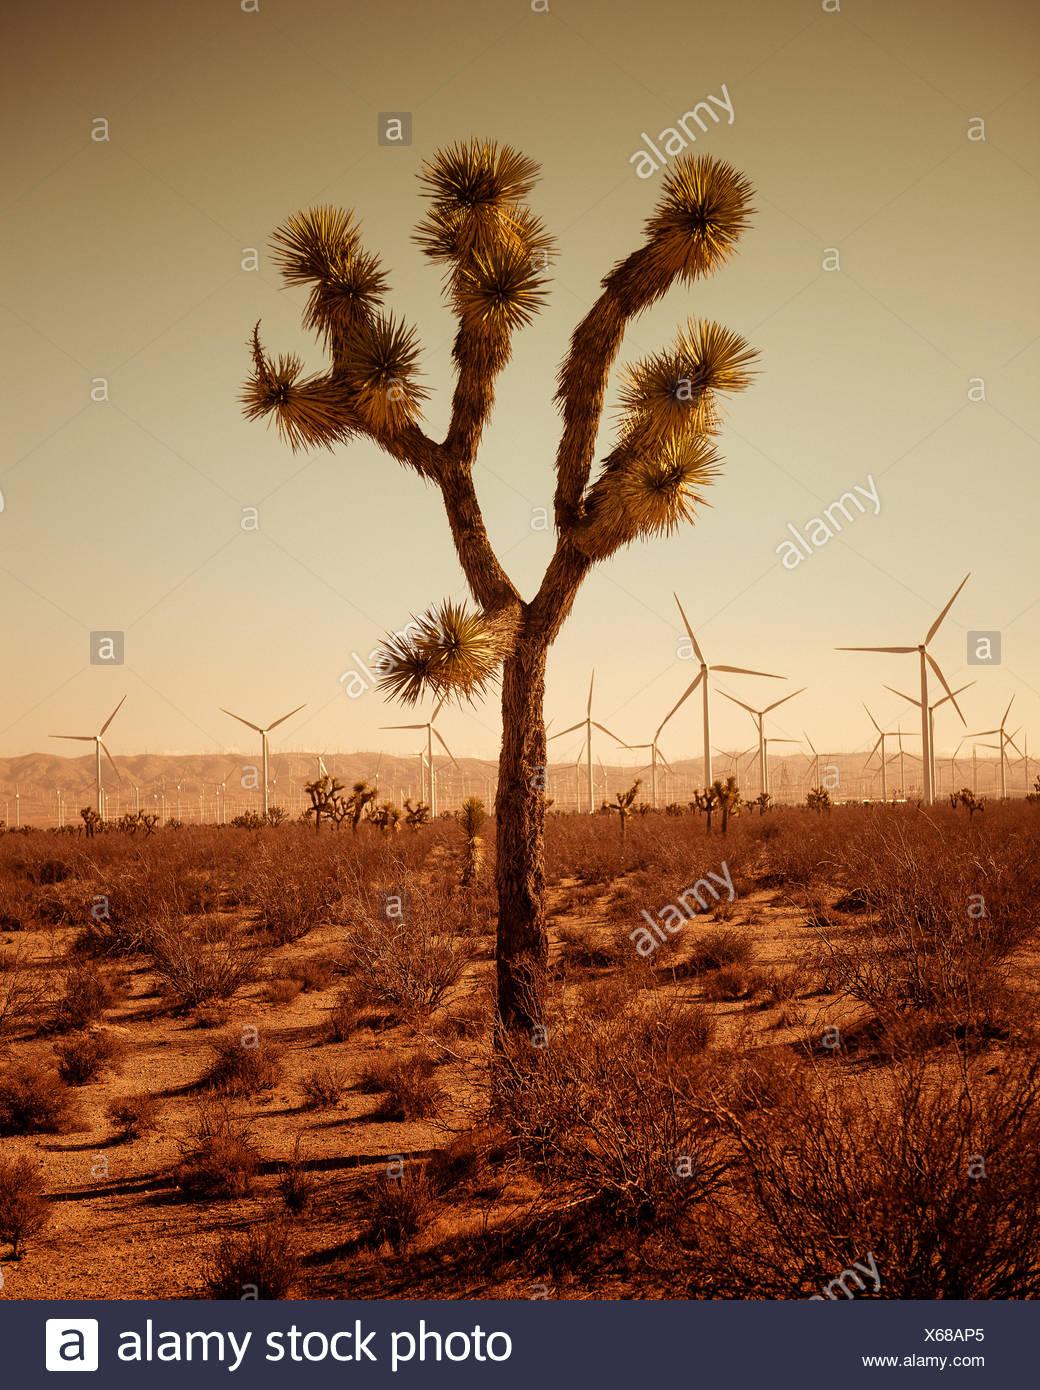 Único árbol del desierto, las turbinas eólicas en segundo plano. Imagen De Stock